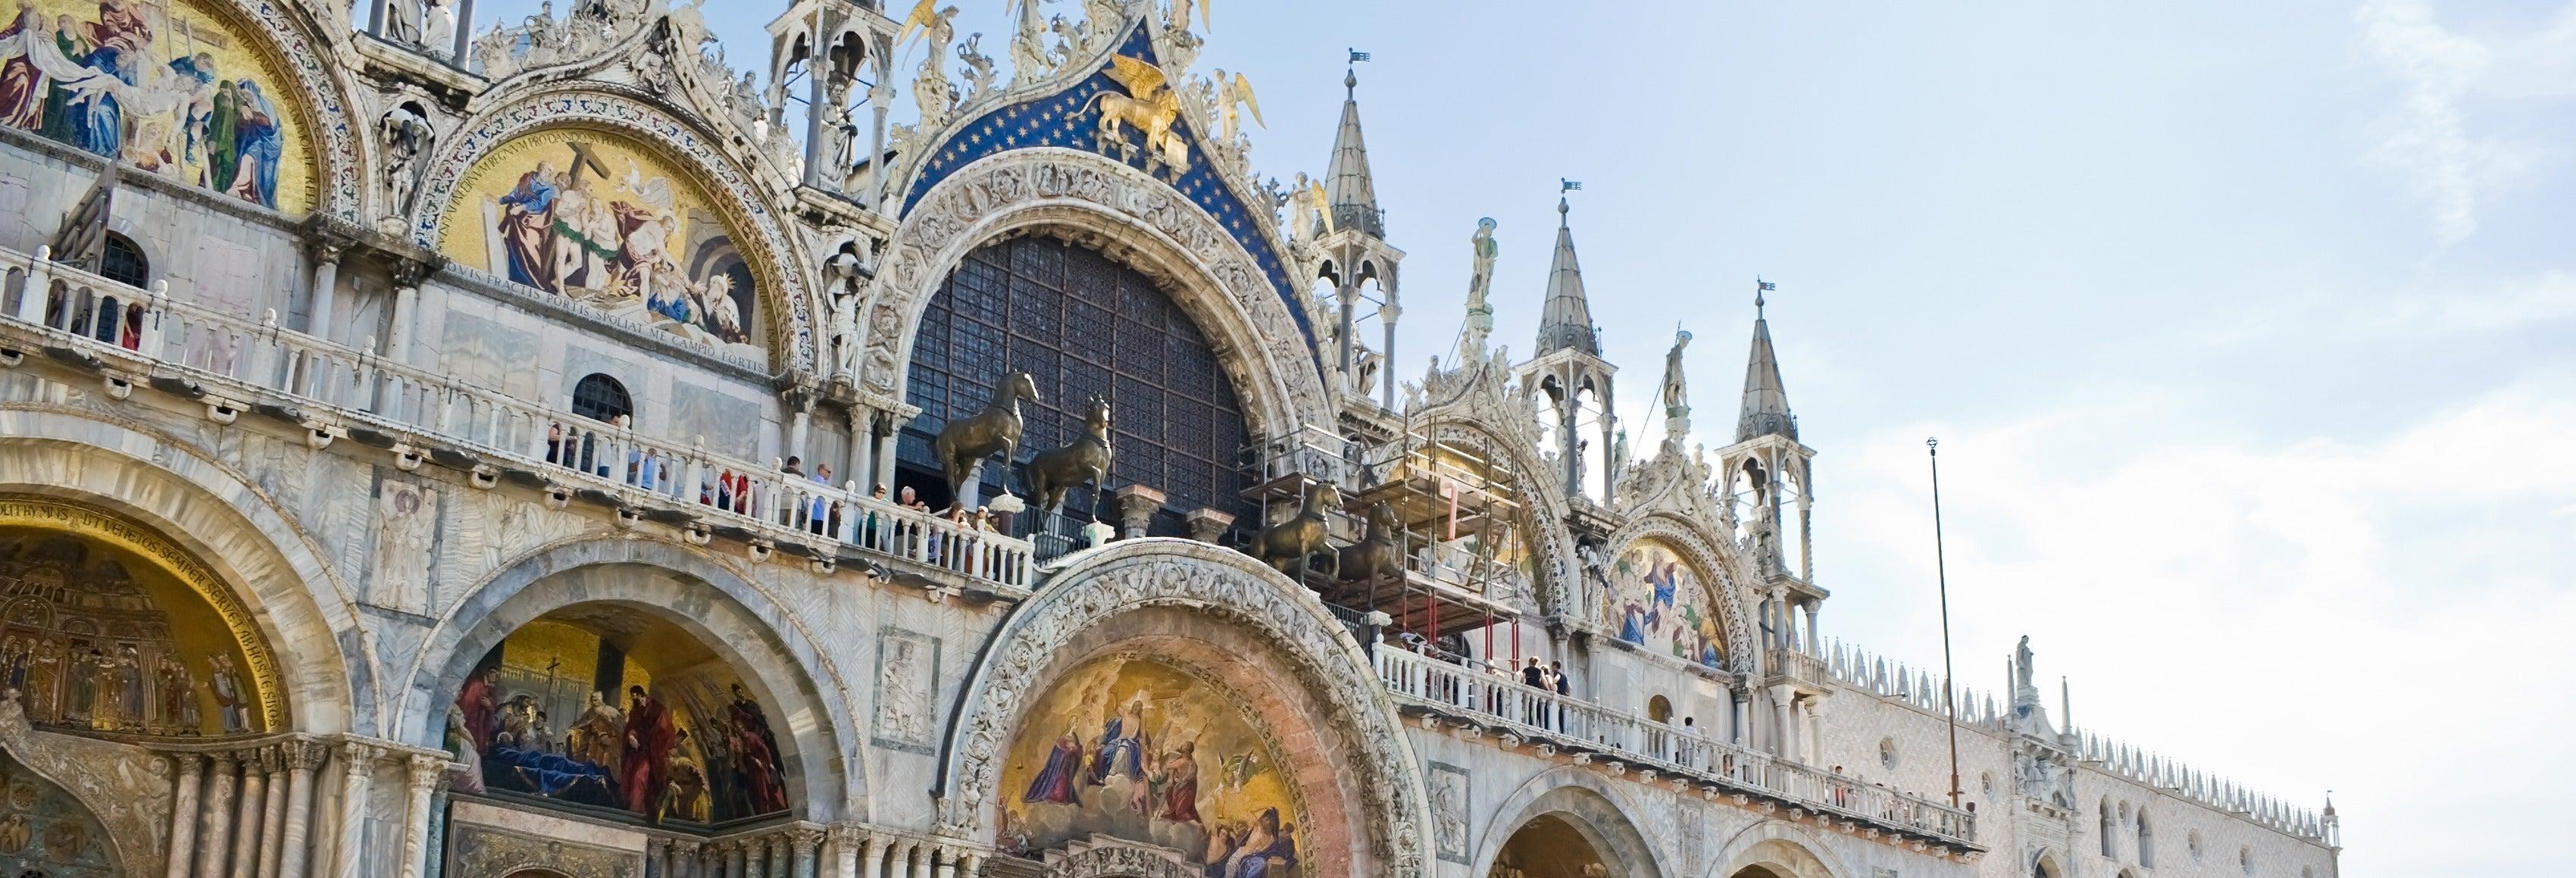 Entrada al Palacio Ducal + Basílica de San Marcos